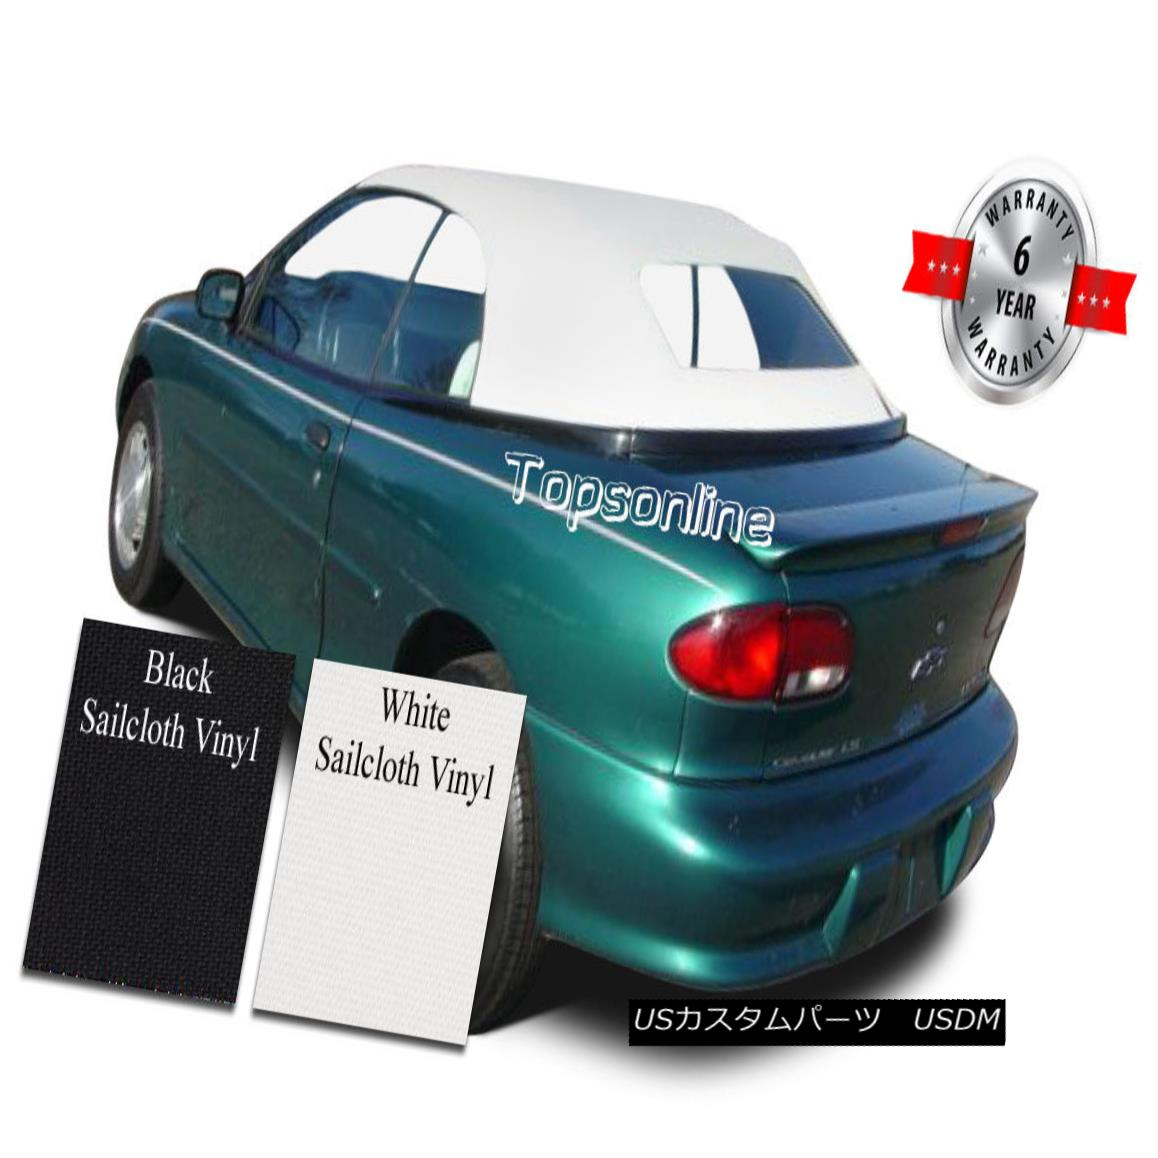 幌・ソフトトップ Cavalier & Sunfire Convertible Soft Top W/Heated Glass & Video Sailcloth 98-2000 キャバリアー& Sunfire ConvertibleソフトトップW /暖房ガラス& ビデオ帆布98-2000